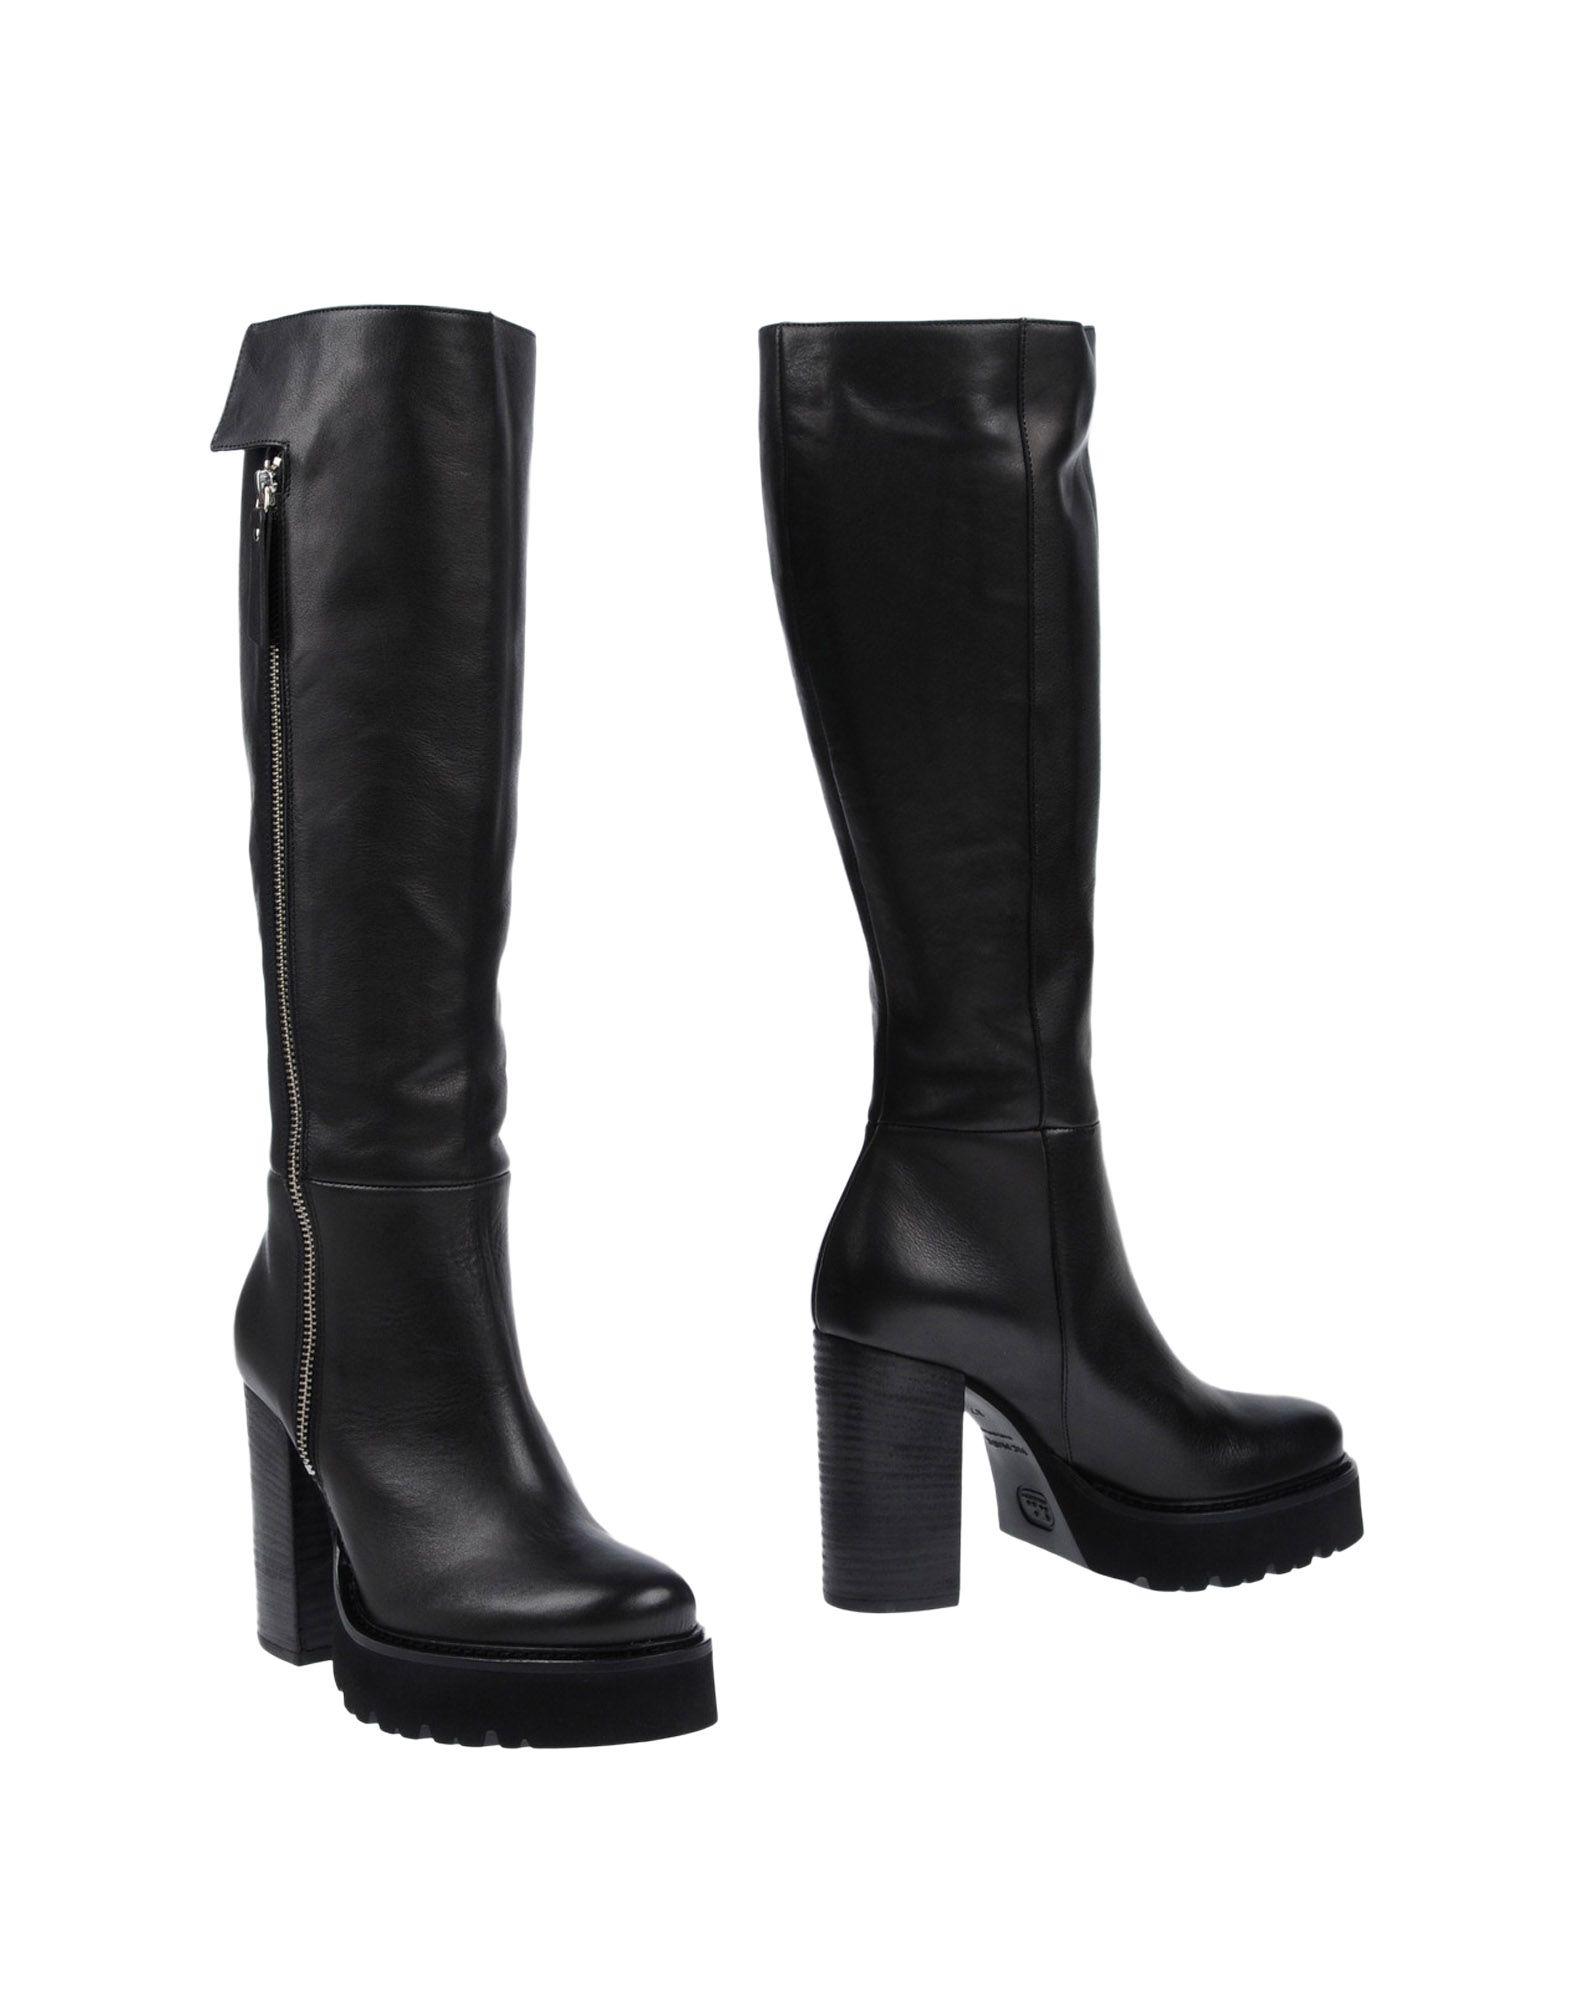 Vic Matiē Stiefel Damen  11457826LGGut aussehende strapazierfähige Schuhe